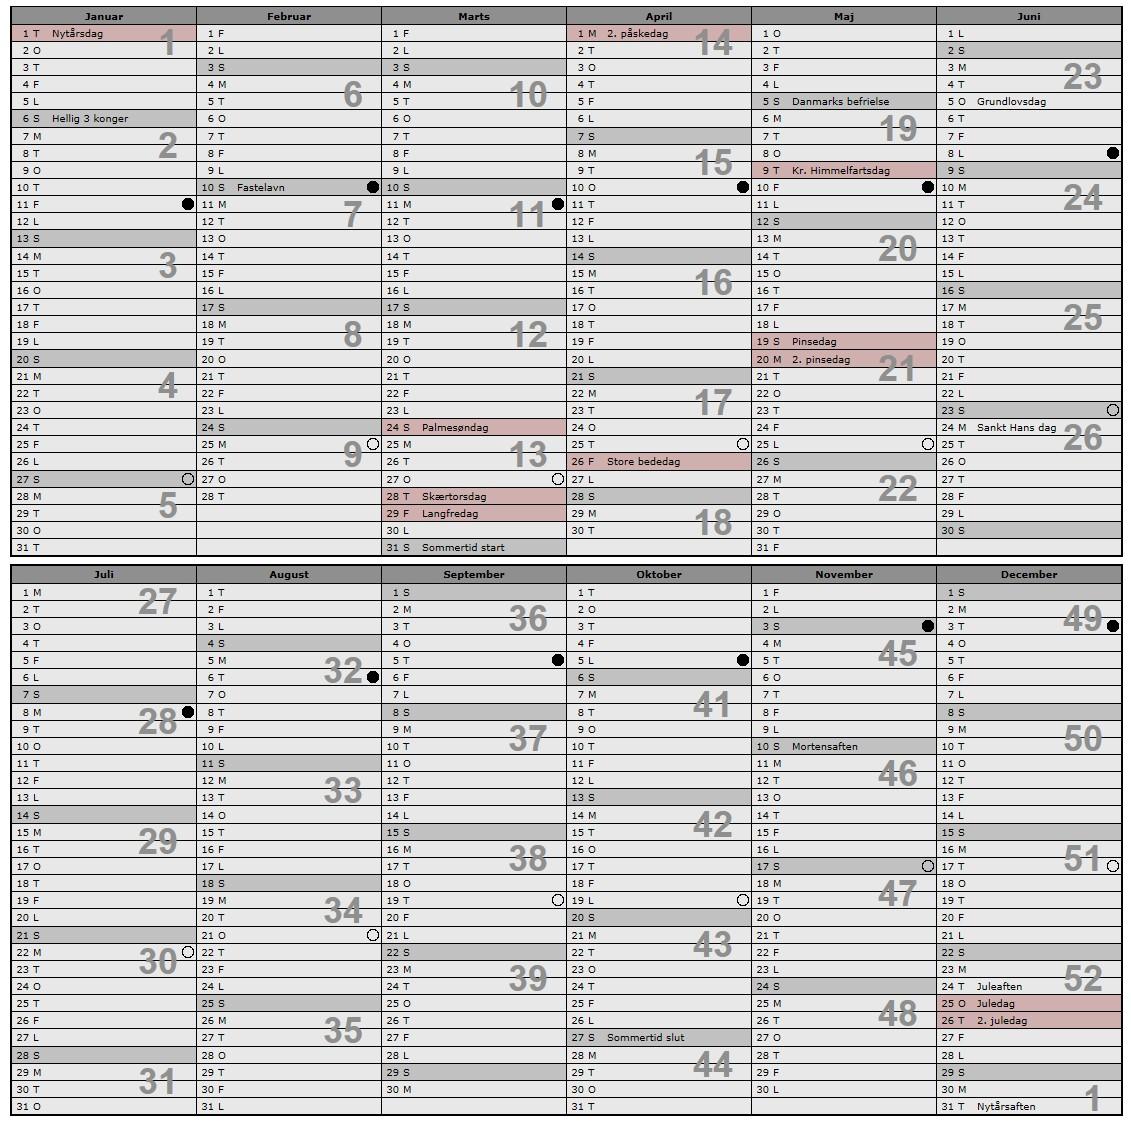 Kalender med danske helligdage 2013